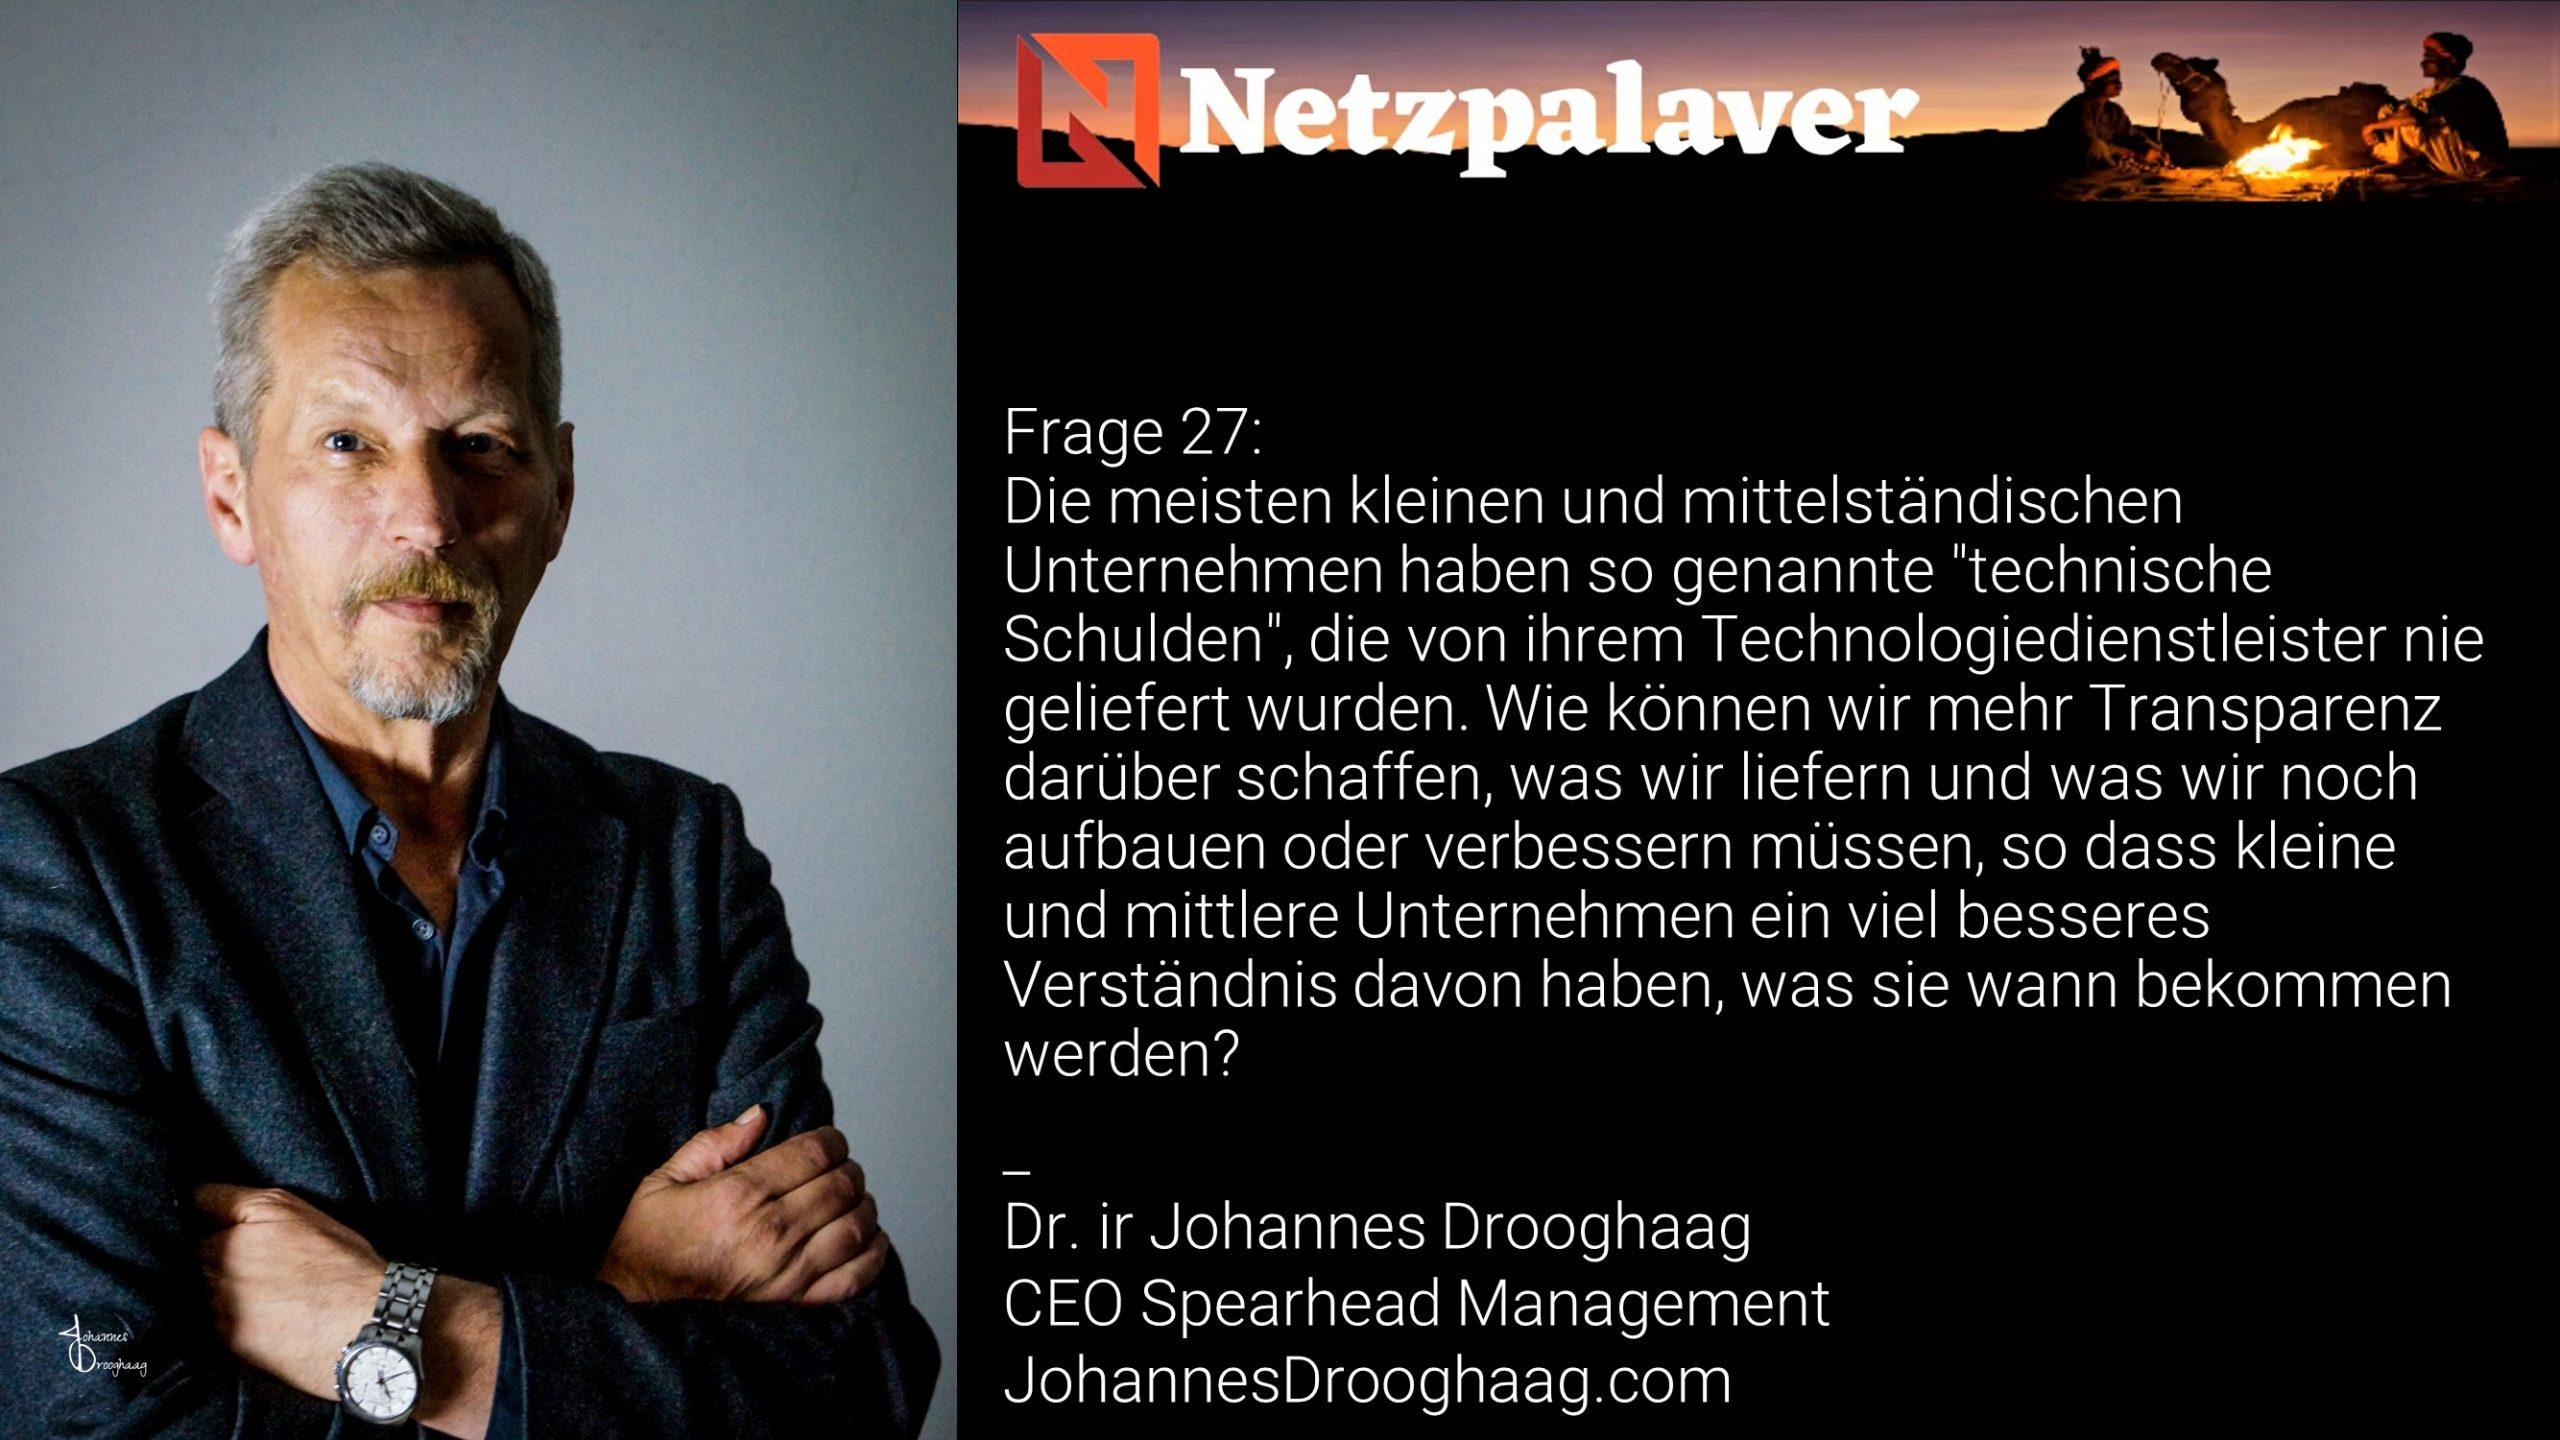 Netzpalaver: Mittelstand und Digitalisierung - Frage 27